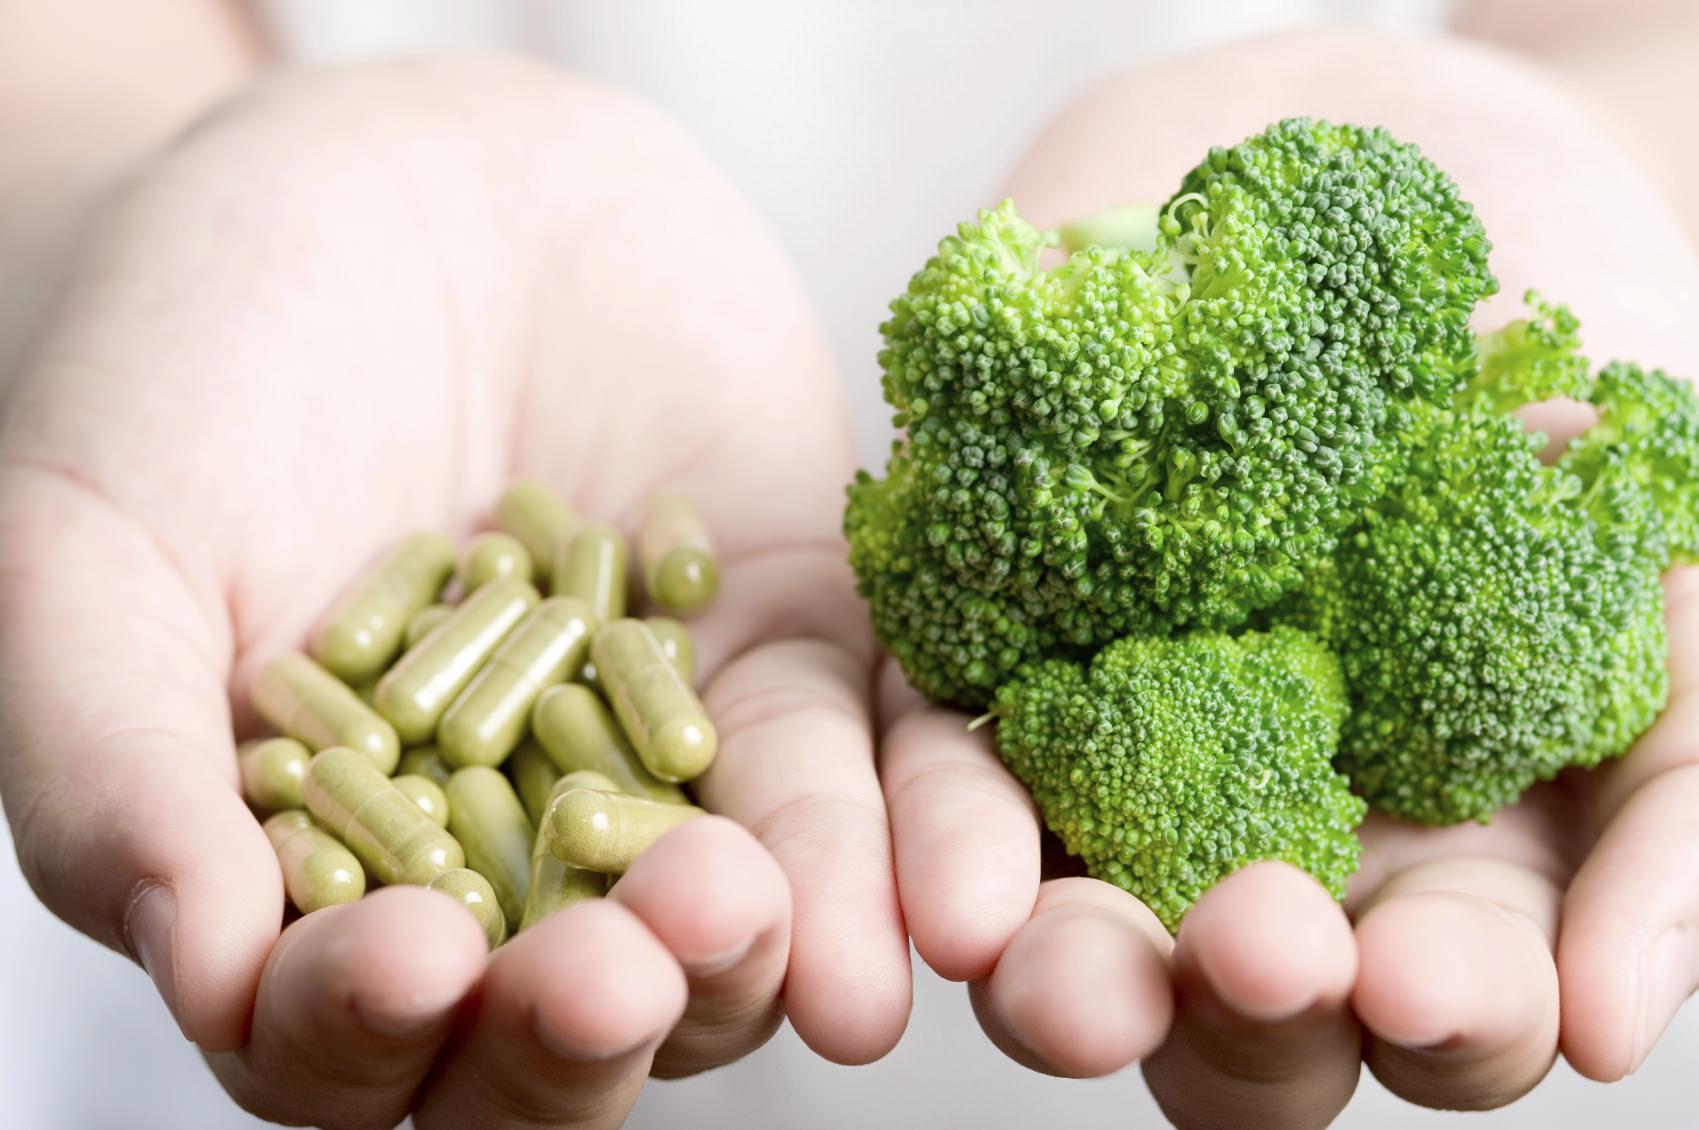 Что такое синтетические витамины и что в них плохого